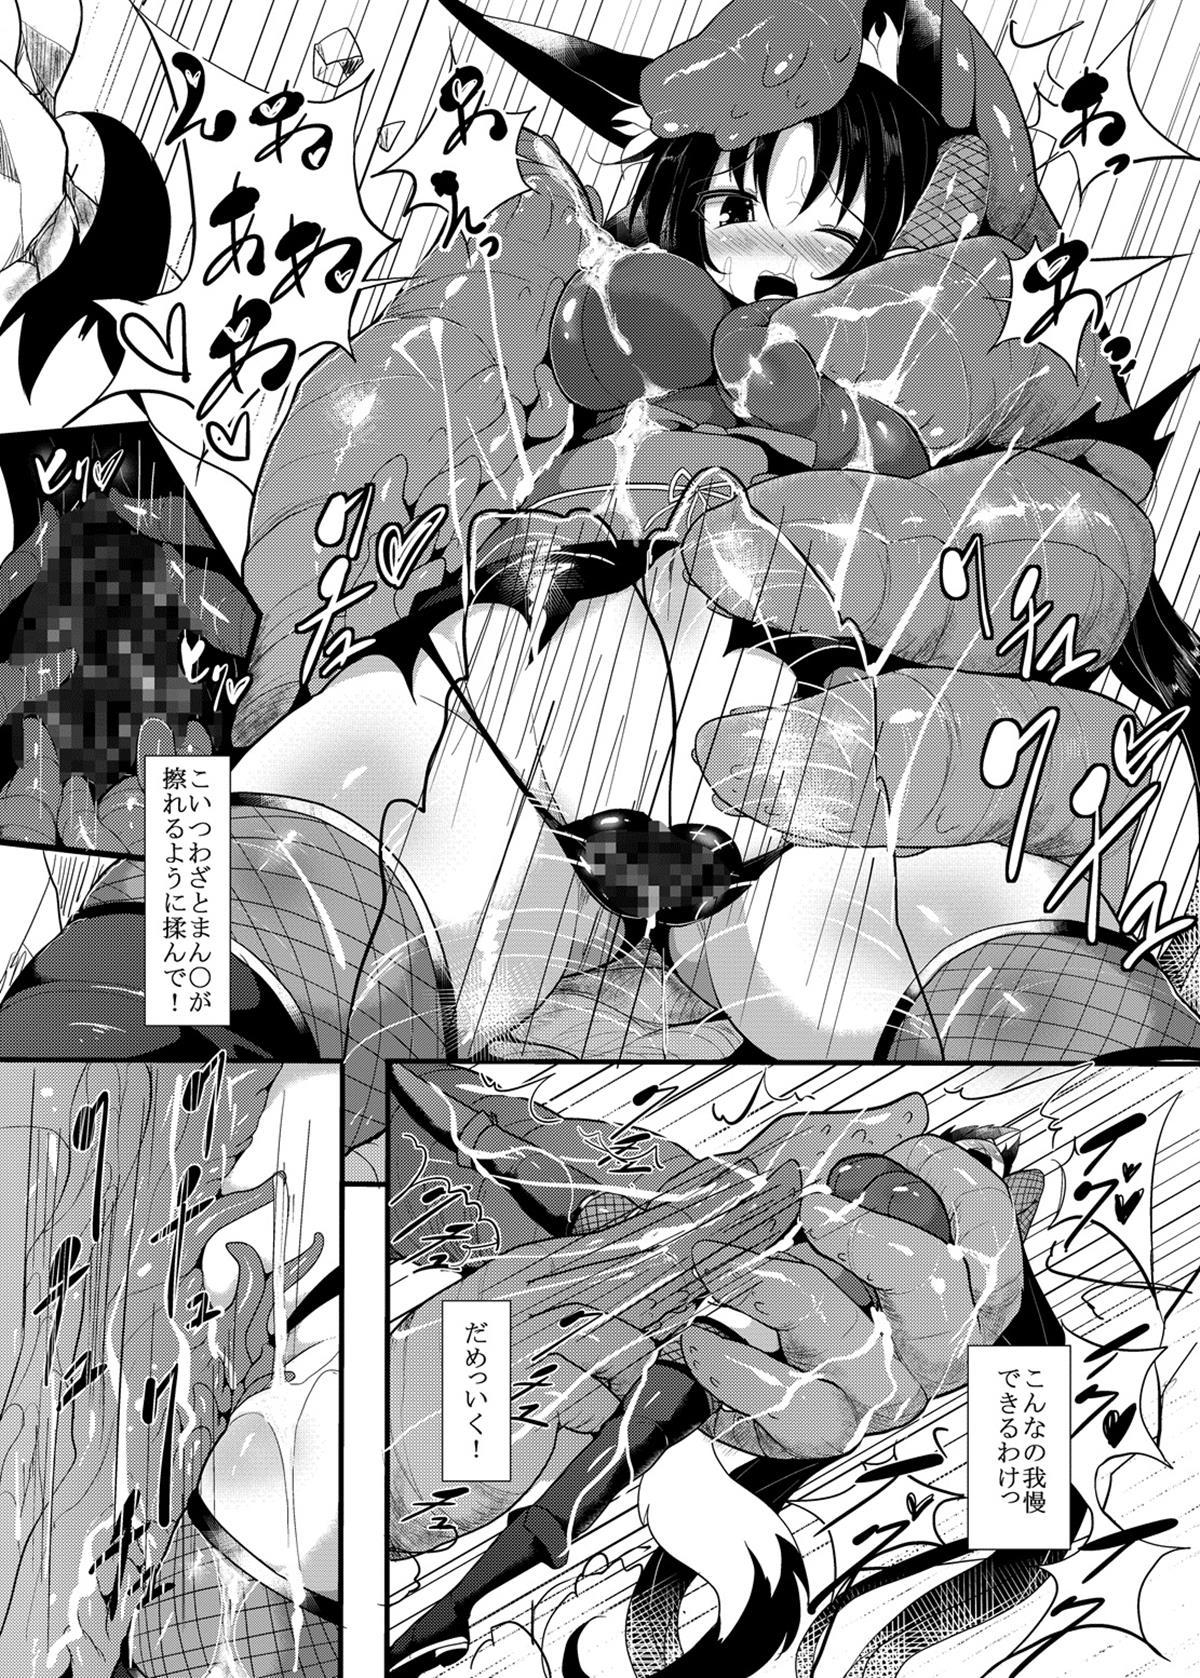 【エロ漫画・エロ同人誌】触手に媚薬まみれにされて堕ちて行く巨乳娘www (30)